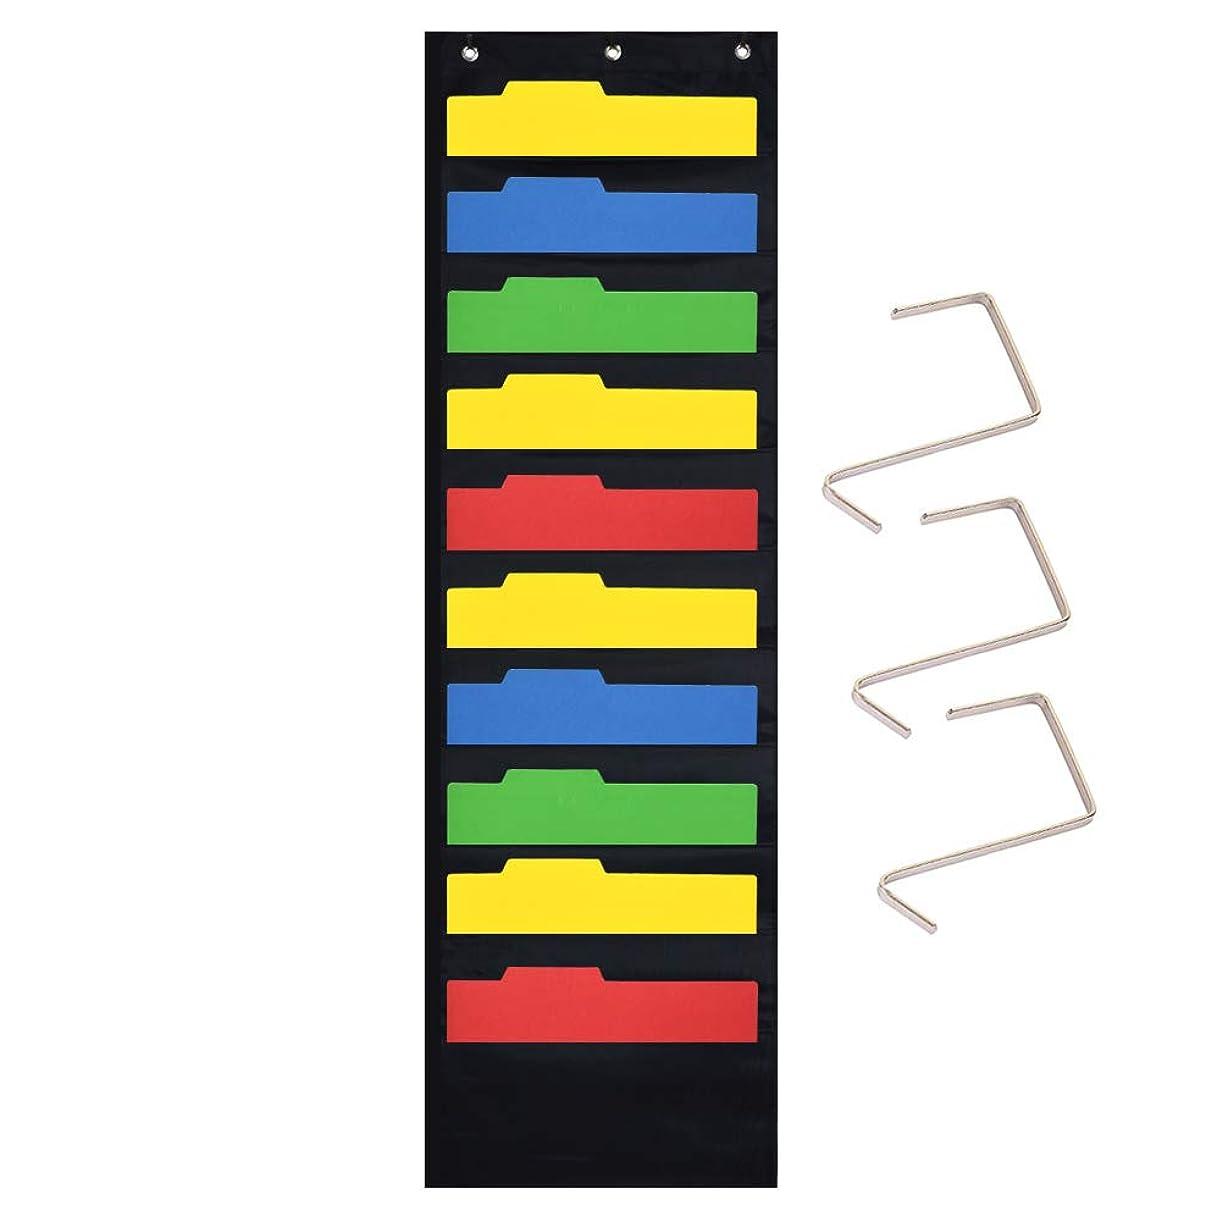 Vnom壁& Overドアマウントストレージポケットチャート、カスケード壁ファイルオーガナイザーファブリック?–?教室、学校、オフィスやホーム使用